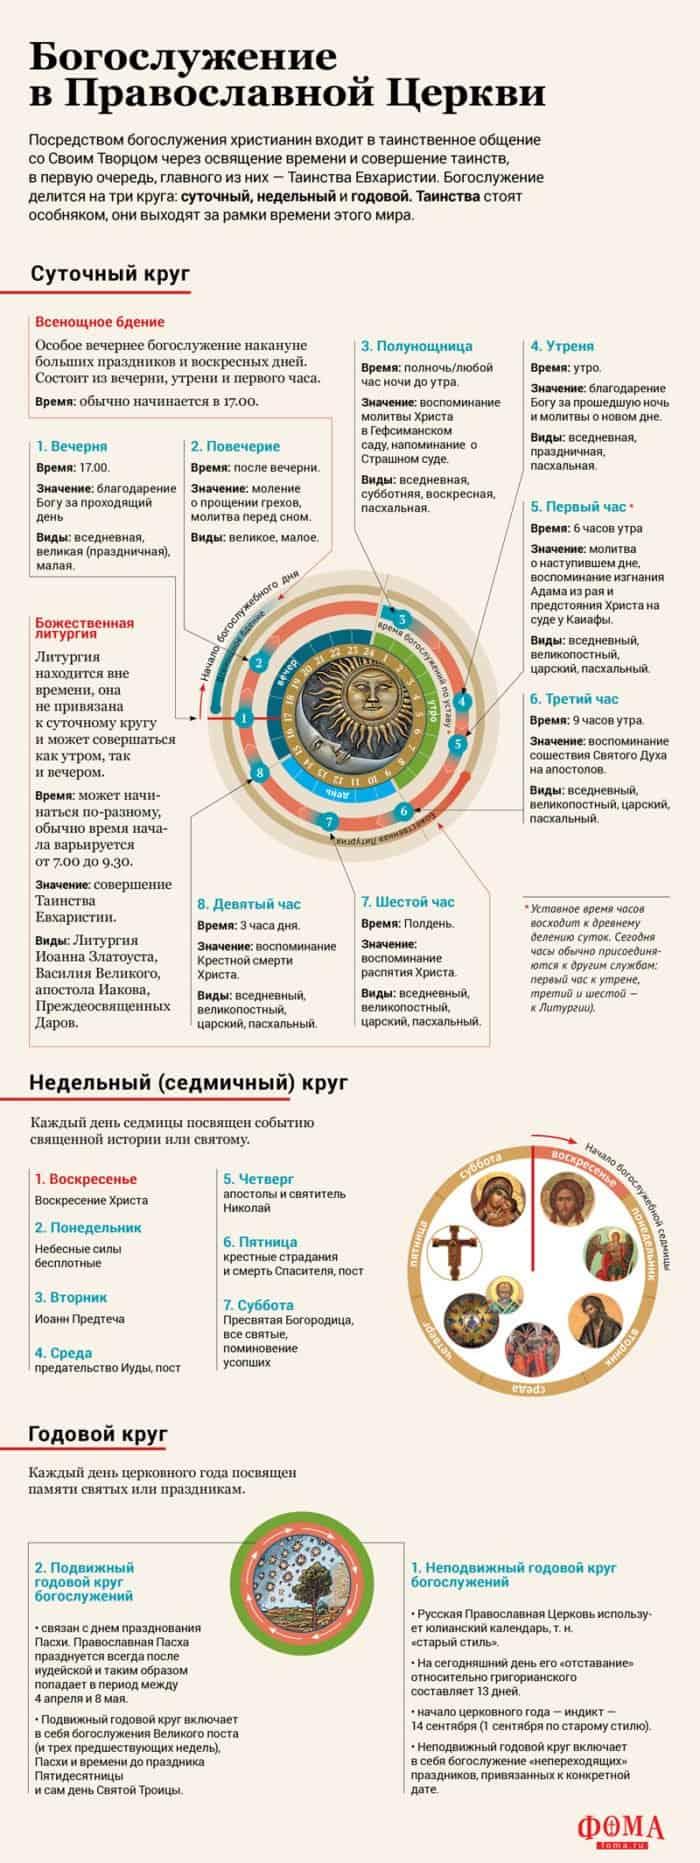 Богослужение в Православной Церкви: суточный, недельный и годовой круг